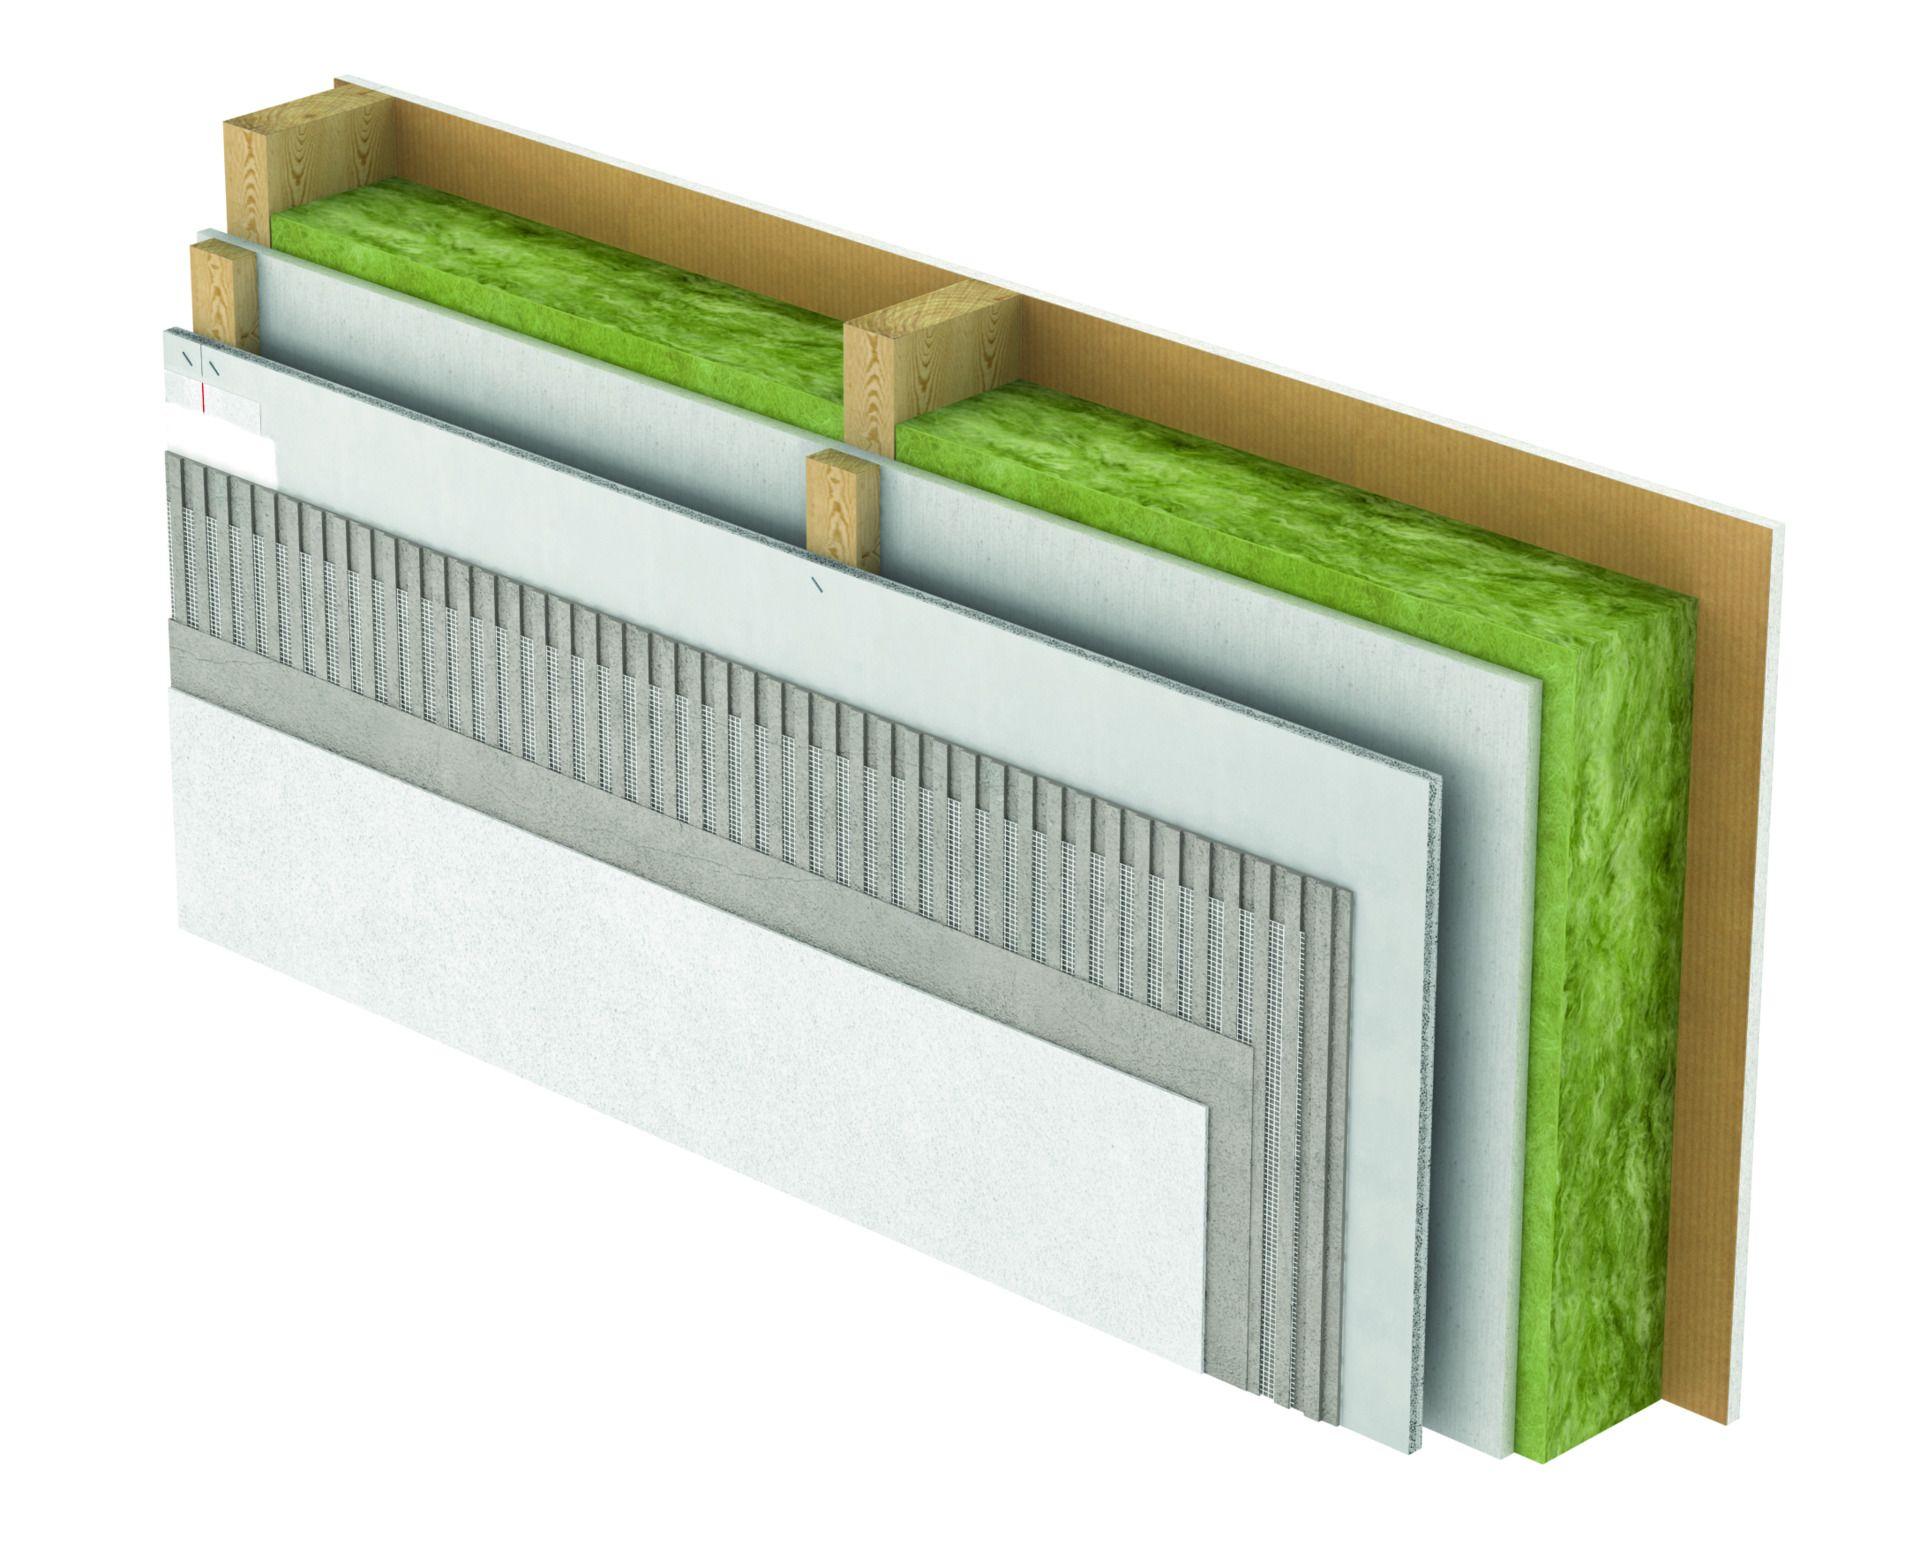 fermacell platten verlegen finest auch oder genannt besteht nach din estriche im bauwesen aus. Black Bedroom Furniture Sets. Home Design Ideas